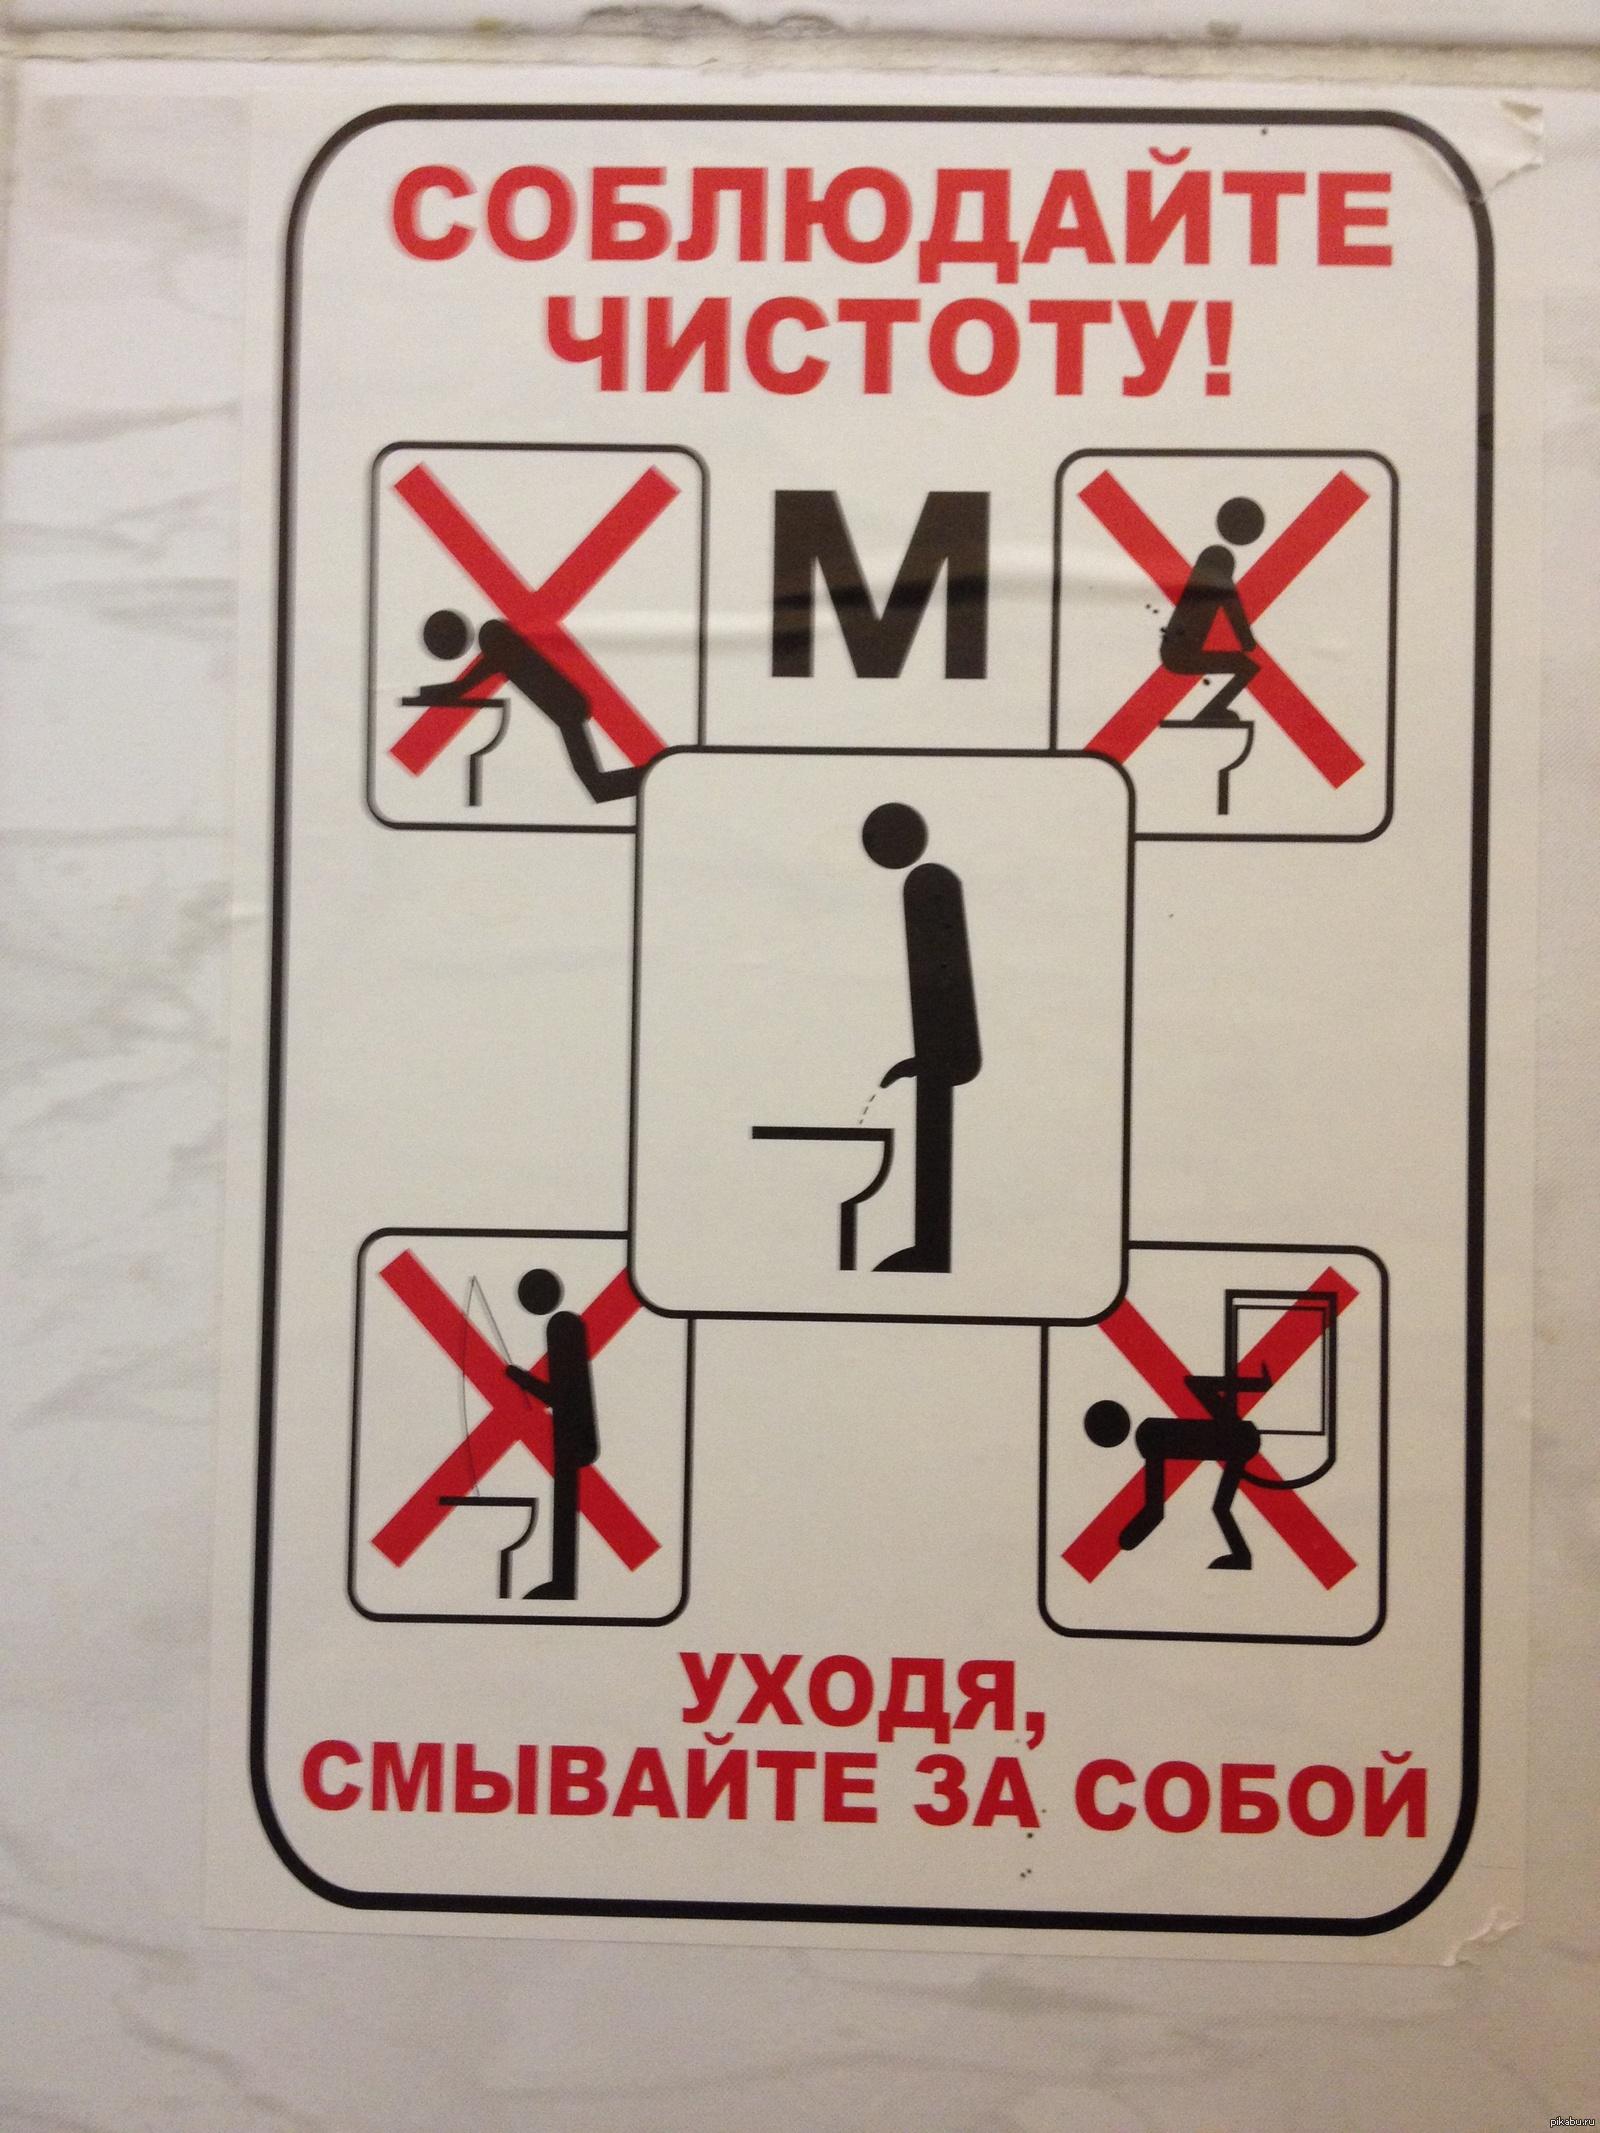 Железнодорожника поздравления, надпись в туалетах в картинках прикольные